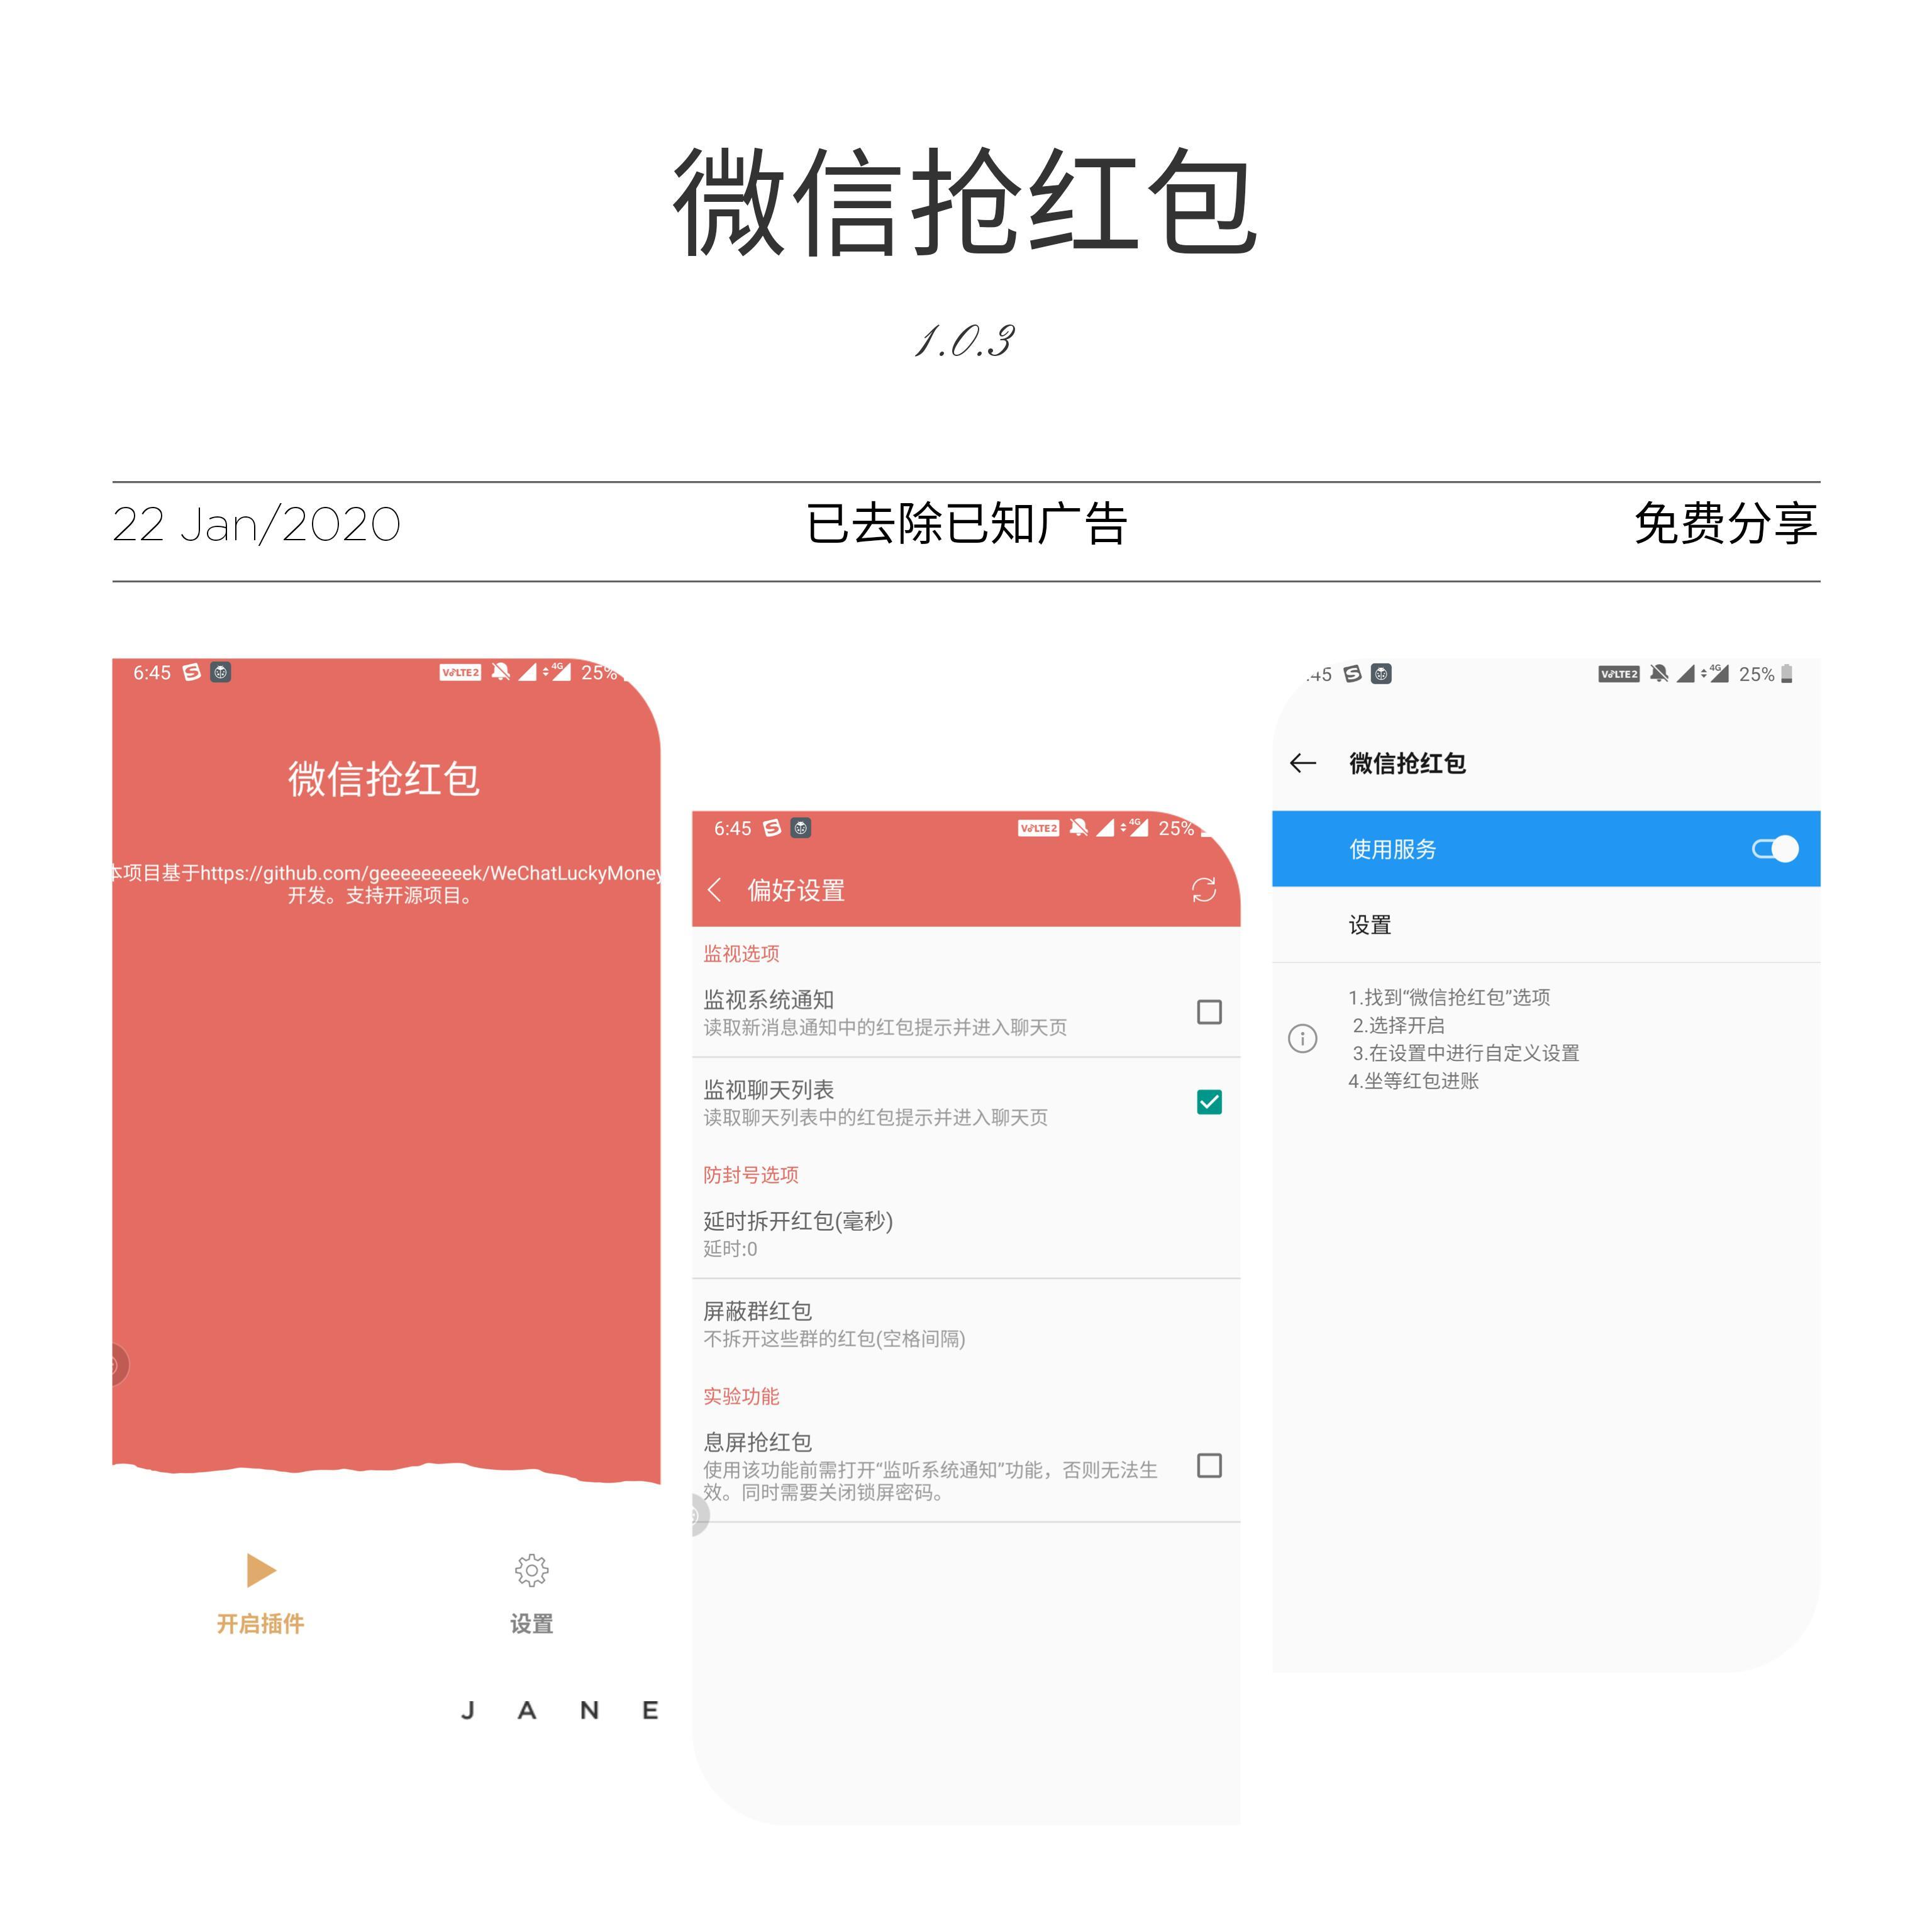 微信抢红包【有消息自动打开 自动抢  安全无毒】